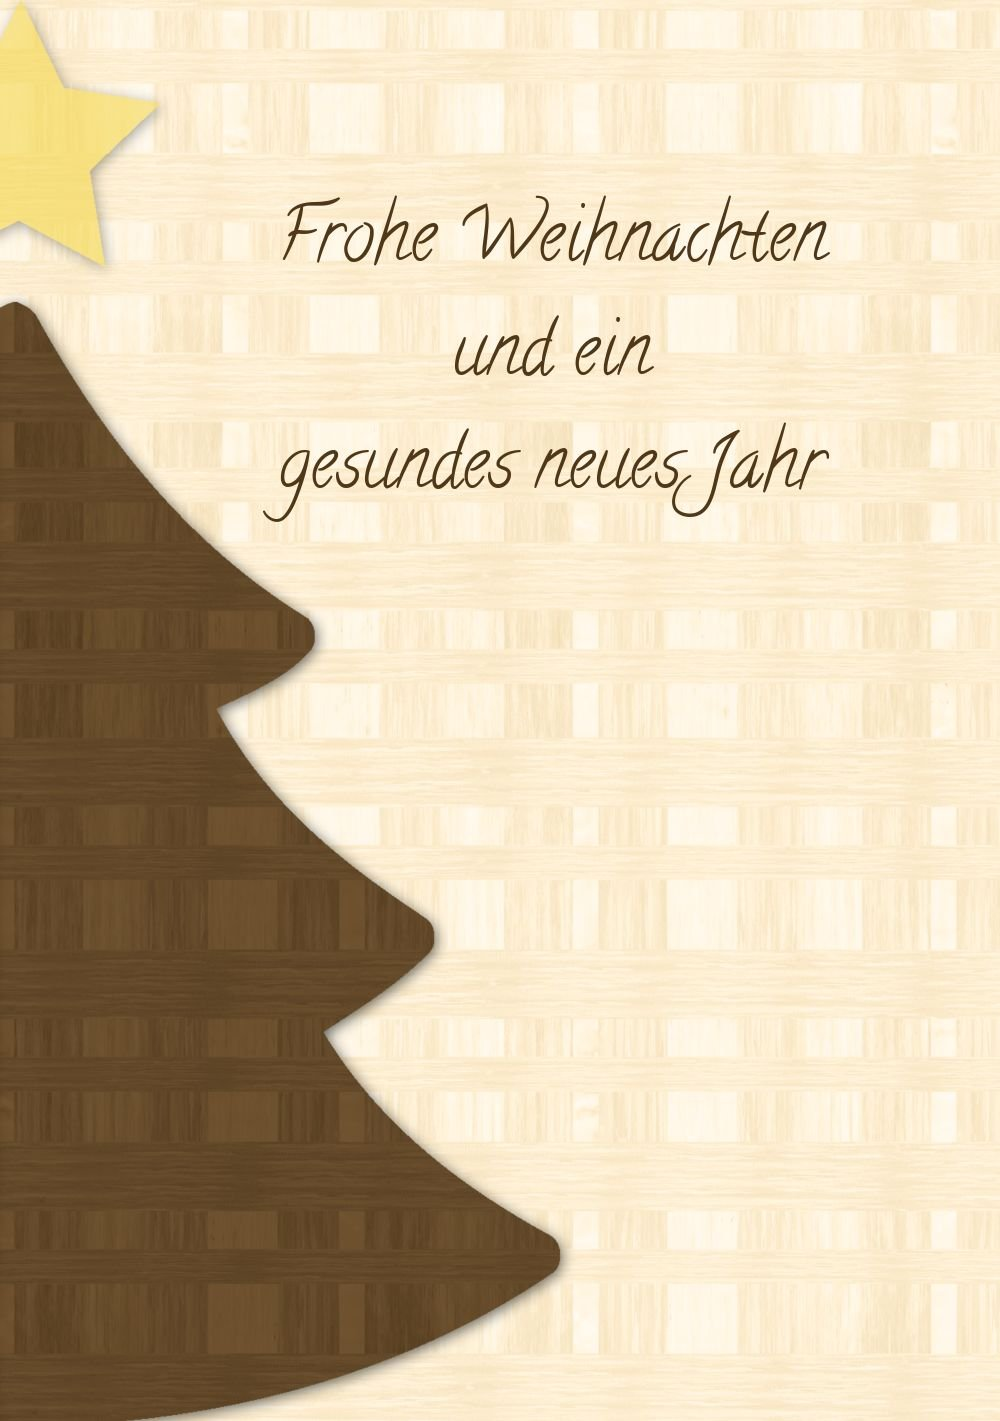 Kartenparadies Kartenparadies Kartenparadies Grußkarte Weihnachten Foto Grußkarte Holzkaro, hochwertige Weihnachtsgrüße als Weihnachtskarte (Format  105x148 mm) Farbe  Braun B01N21U2YA   Feine Verarbeitung    Up-to-date Styling    Verrückter Preis  232c00